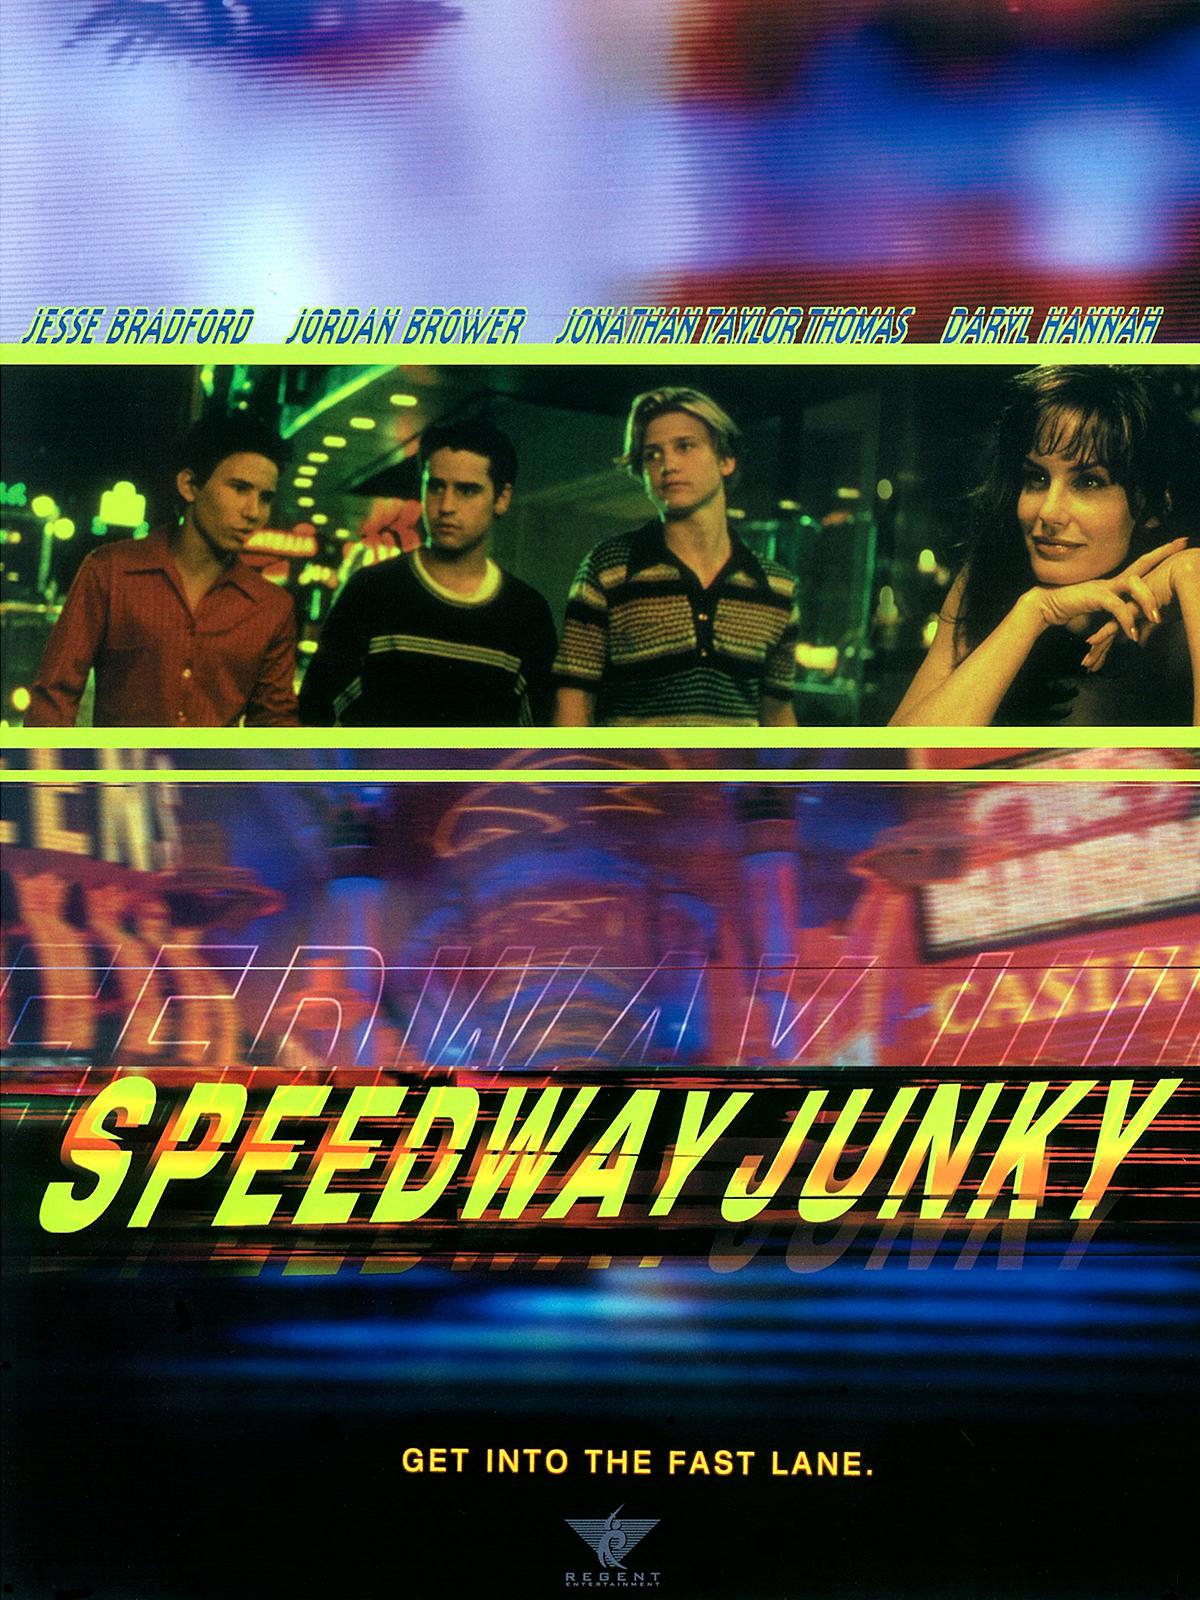 Here-SpeedwayJunky-Full-Image-en-US.jpg